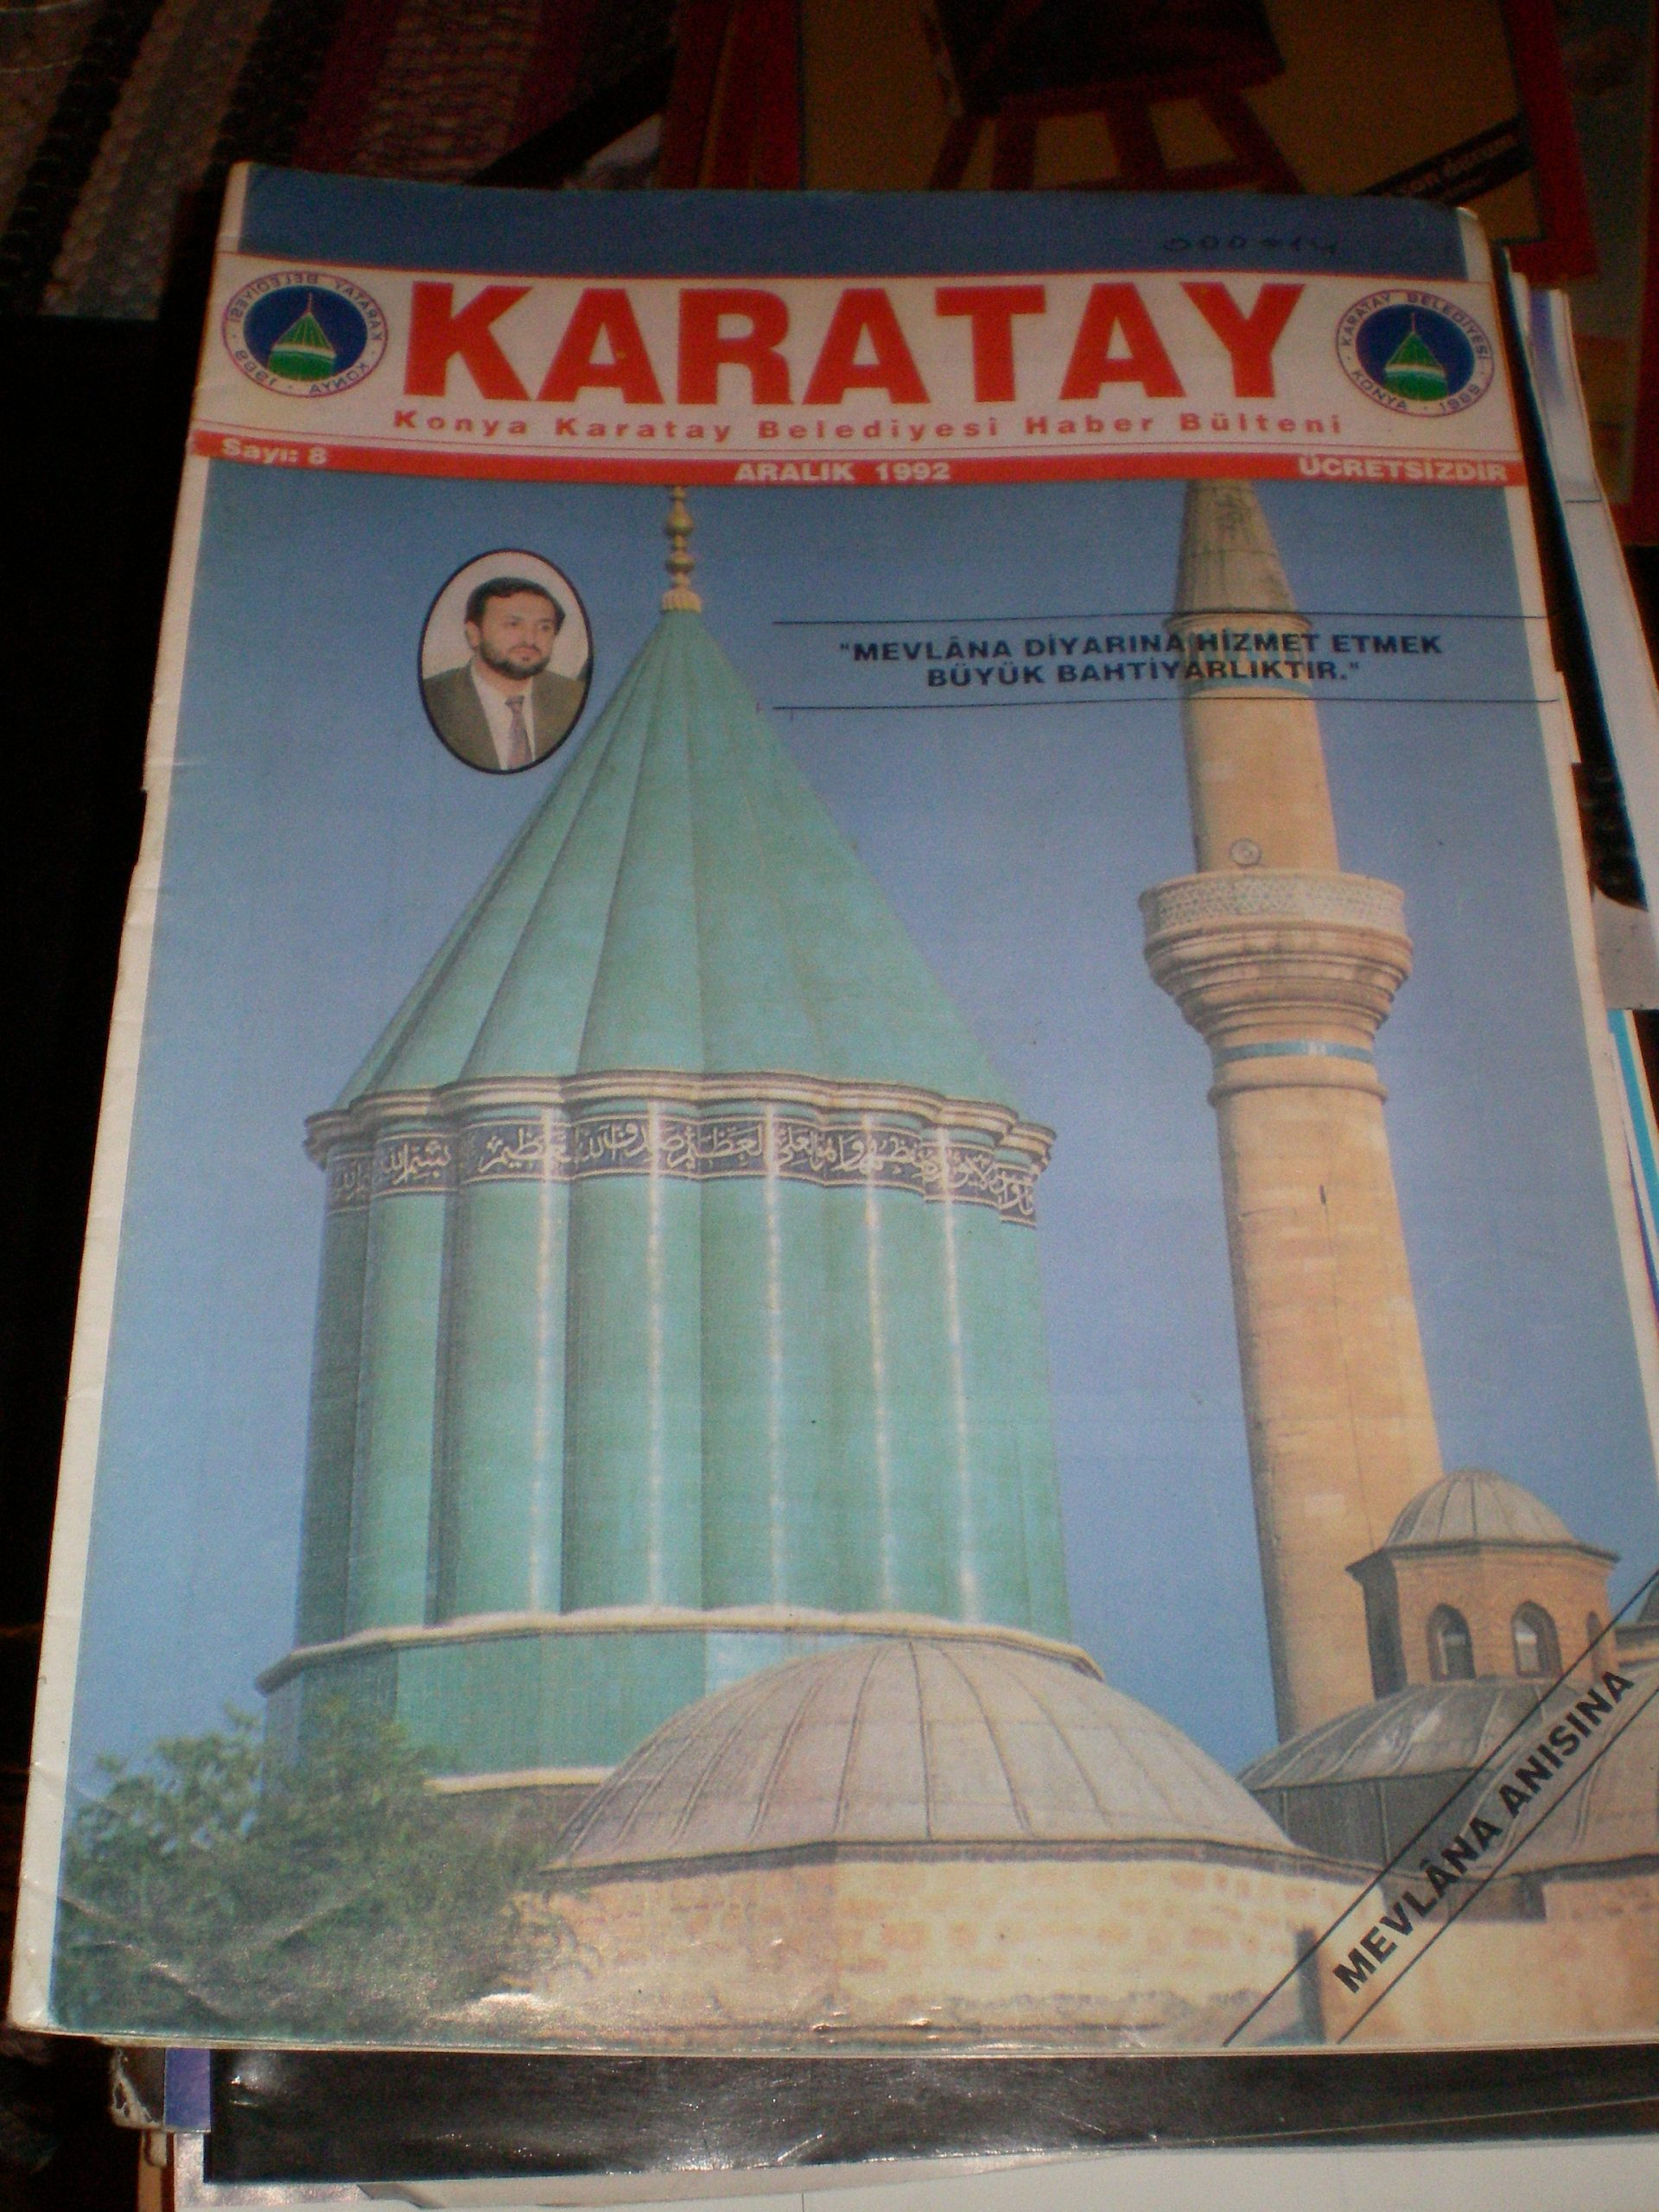 KARATAY-Konya Karatay Belediyesi haber bülteni-aralık 1992/5 tl